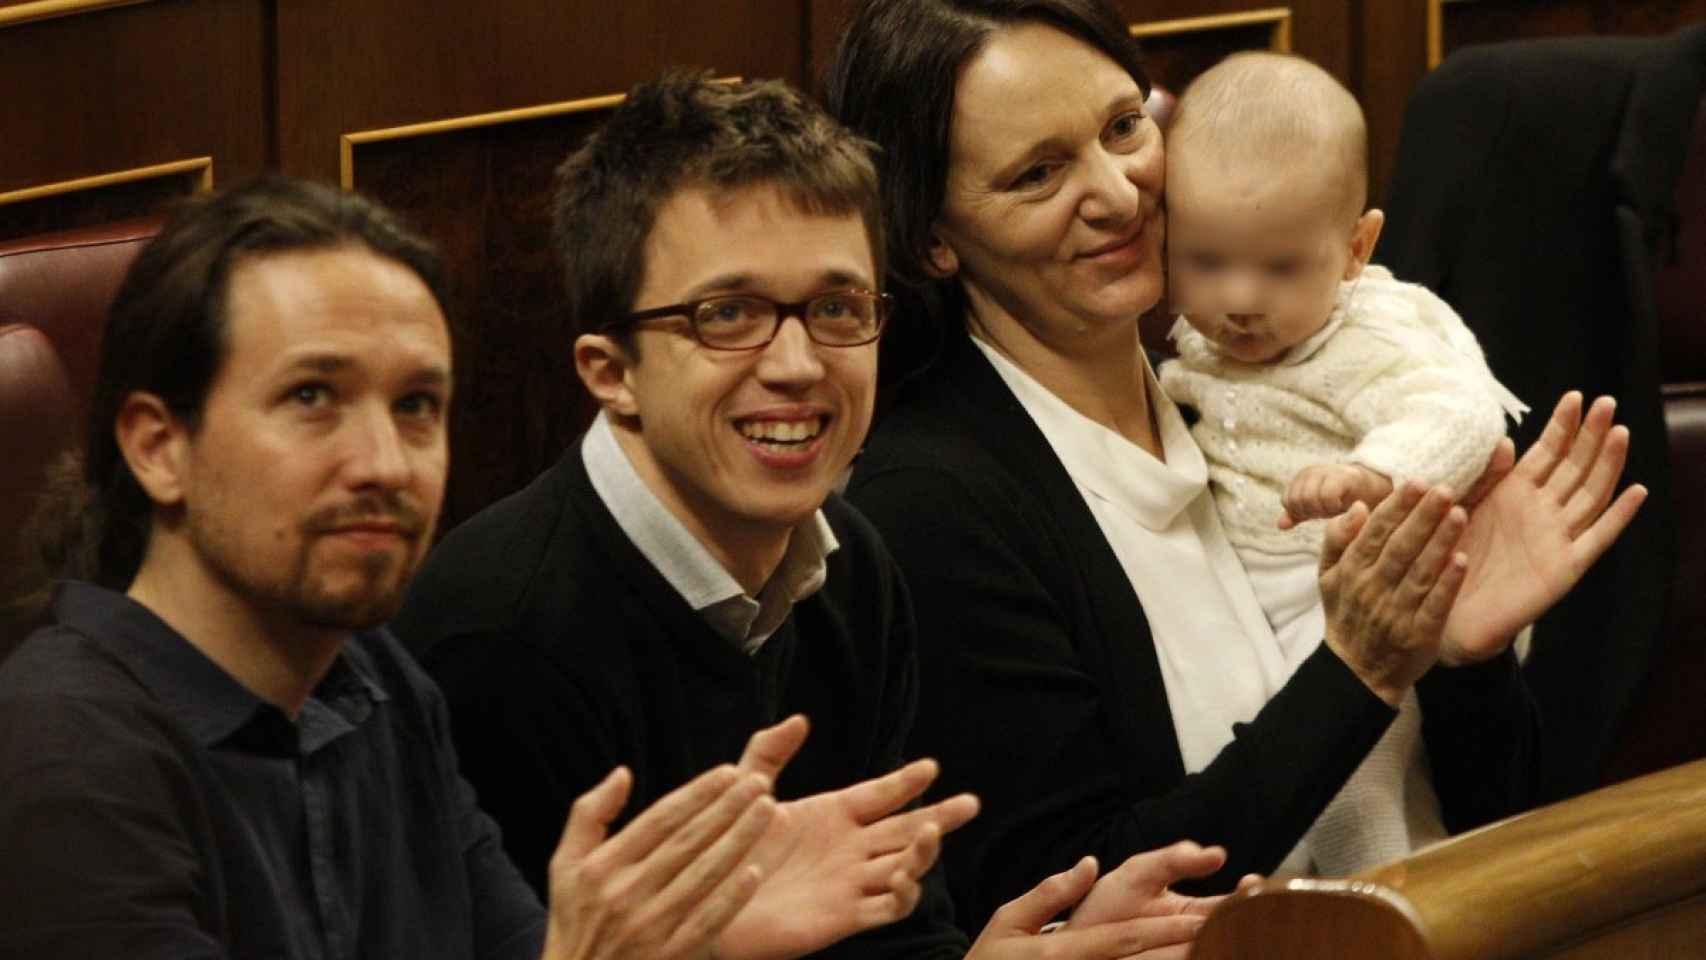 Carolina Bescansa sujeta en brazos a su bebé, con Iñijo Errejón y Pablo Iglesias a su lado.